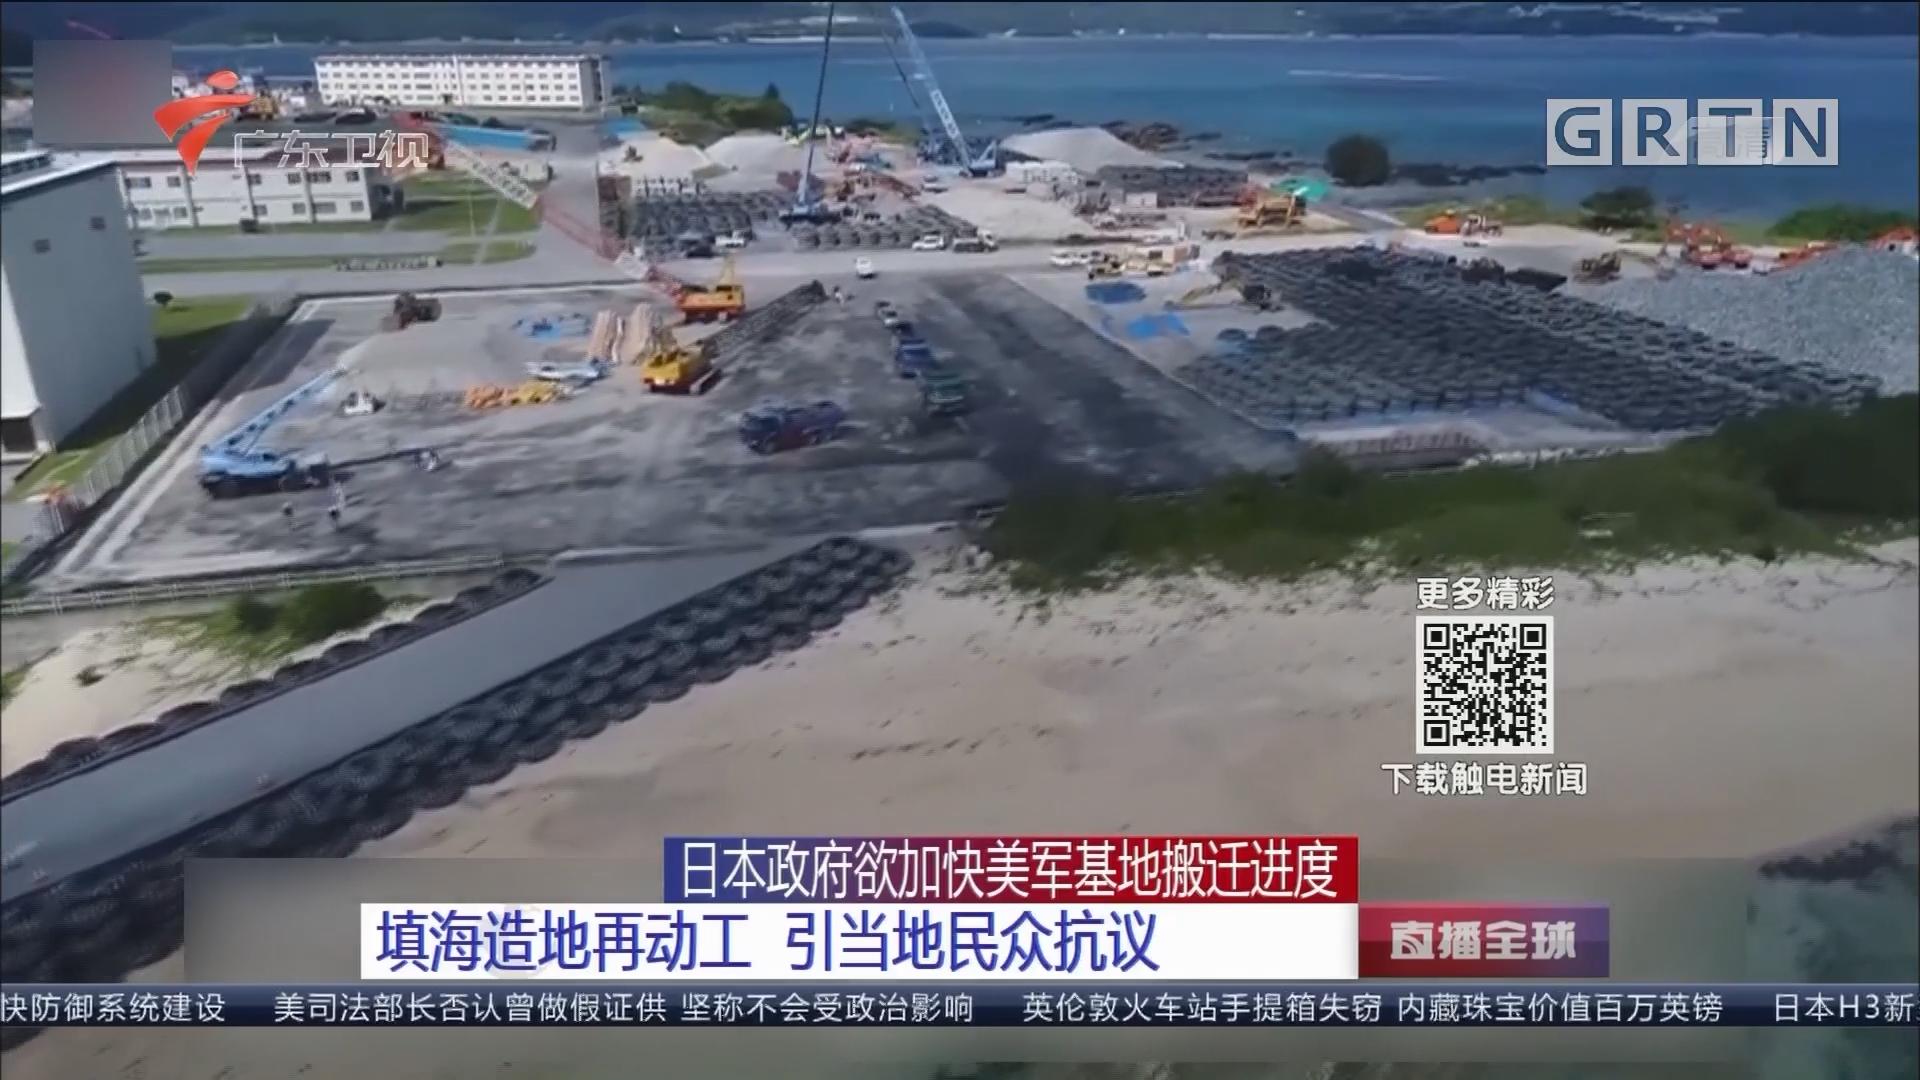 日本政府欲加快美军基地搬迁进度:填海造地再动工 引当地民众抗议